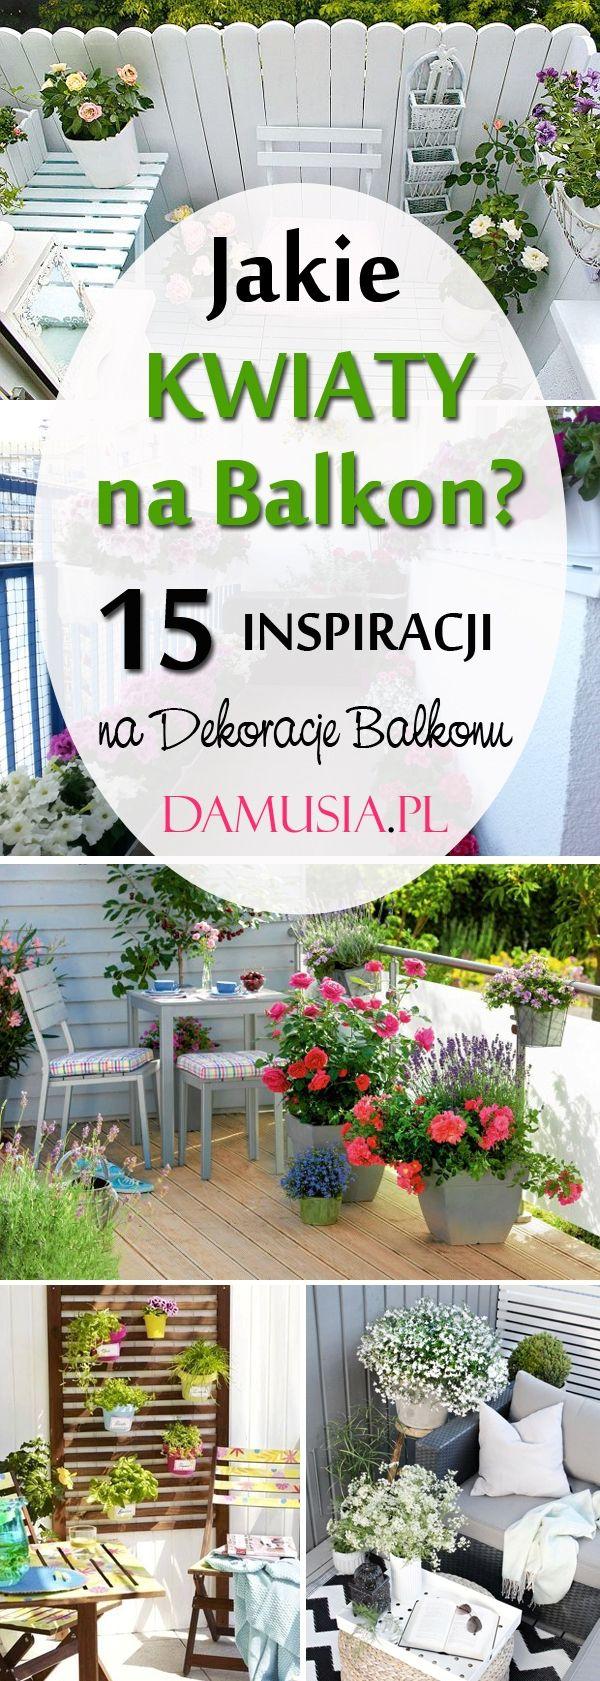 Jakie Kwiaty Na Balkon Top 15 Propozycji Na Dekoracje Balkonu Kwiatami Plants Places